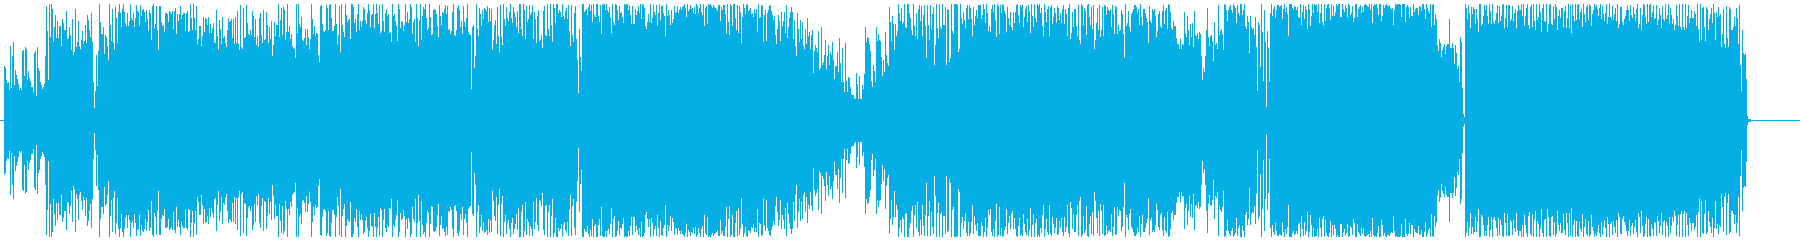 スカート・スカート・スリープの再生済みの波形